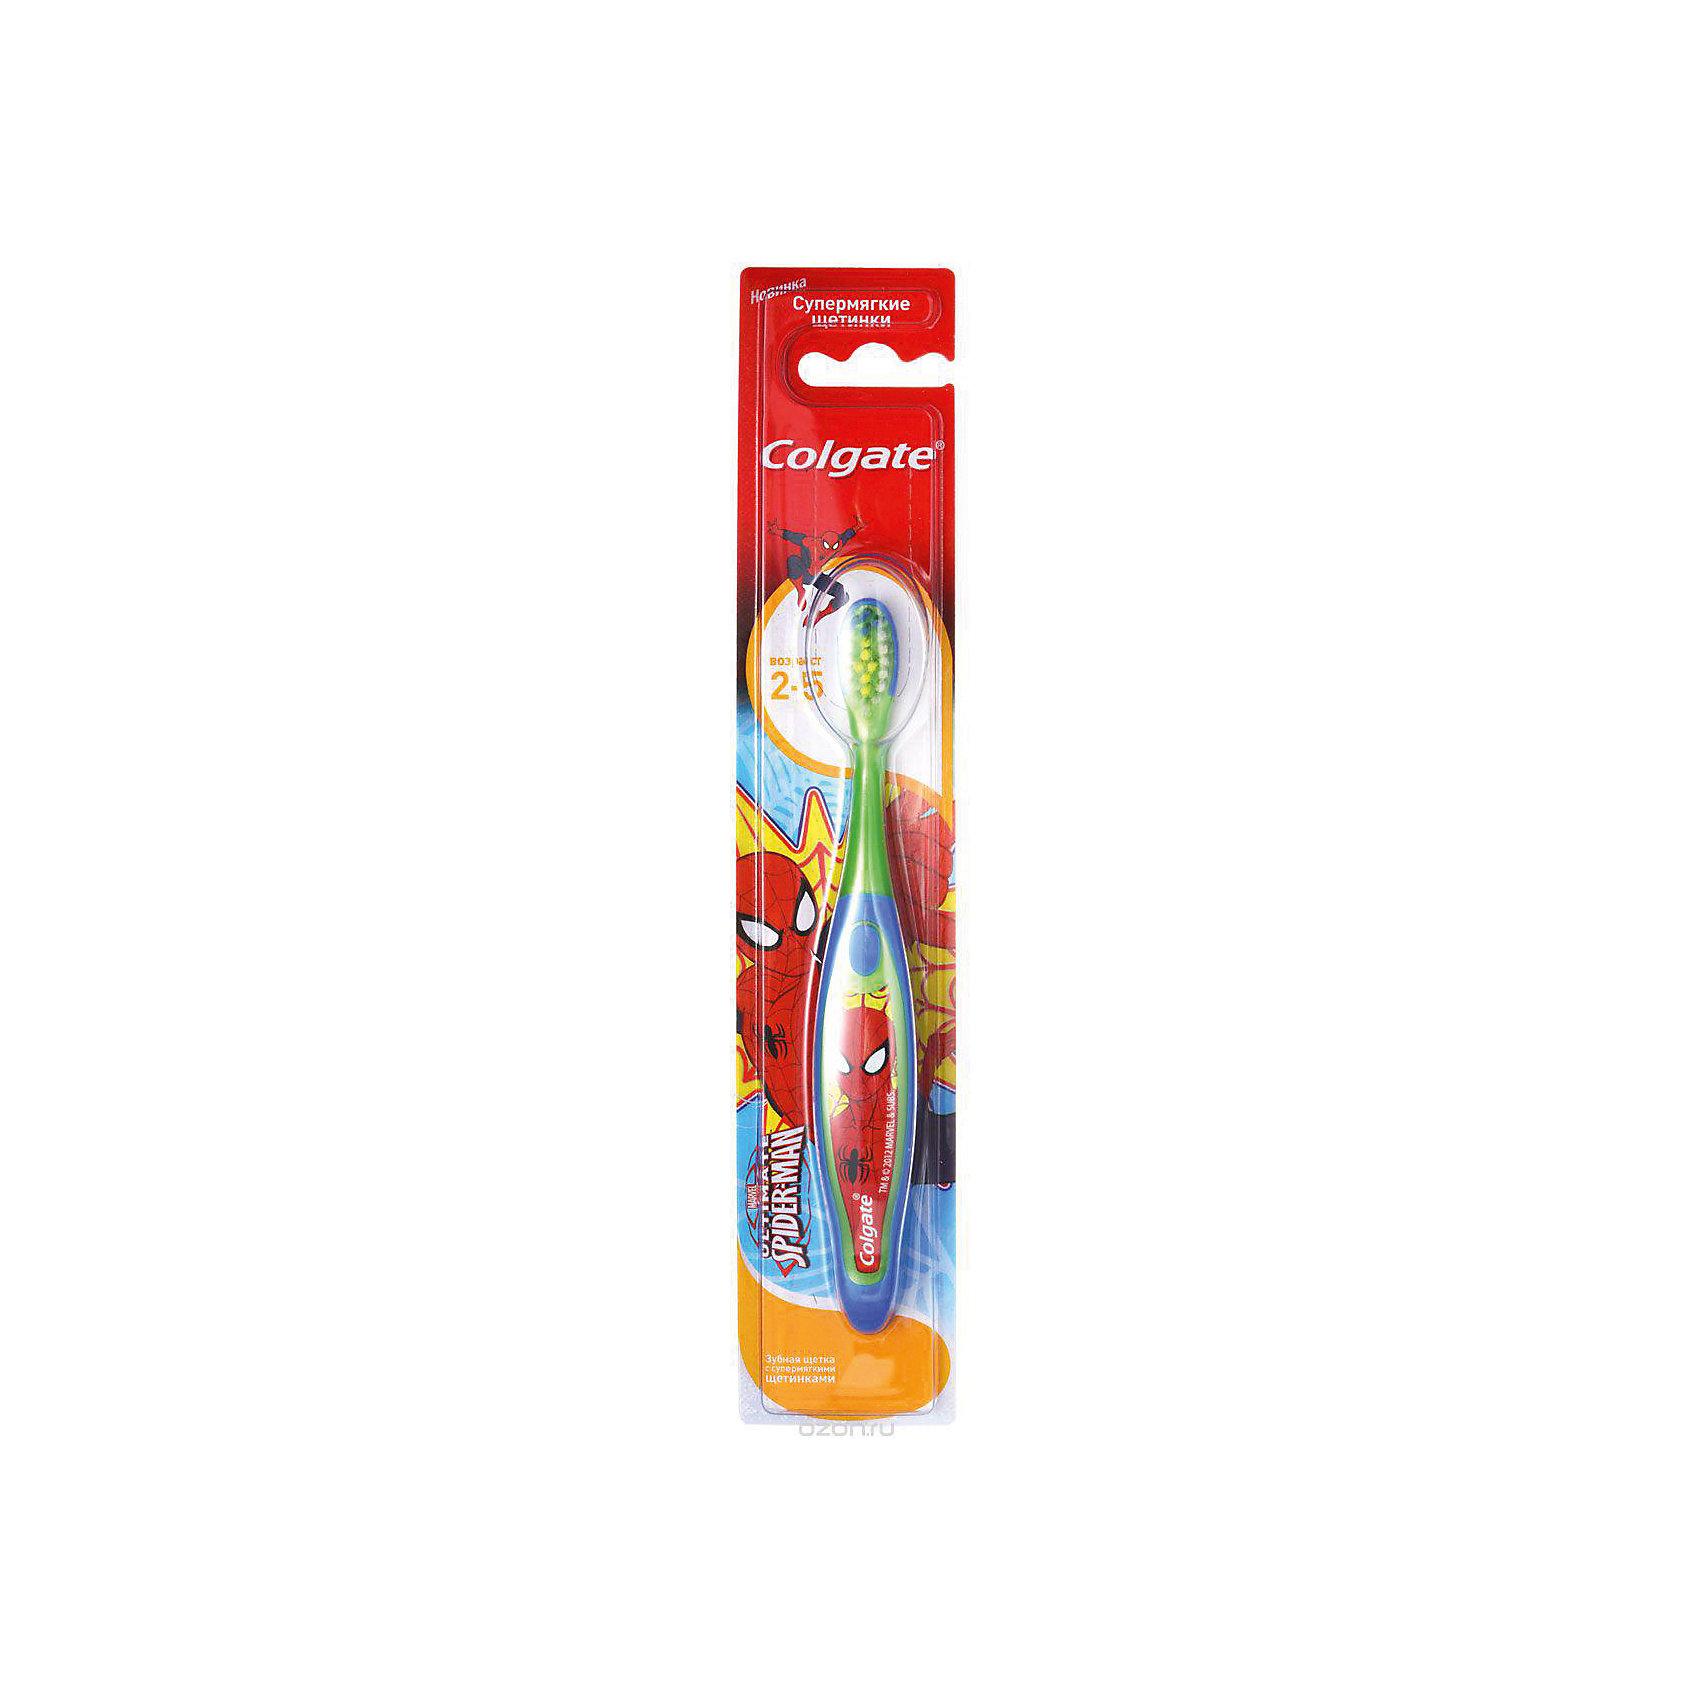 Зубная щётка для детей от 2 до 5 лет SpiderMan, Colgate, синий/зеленый